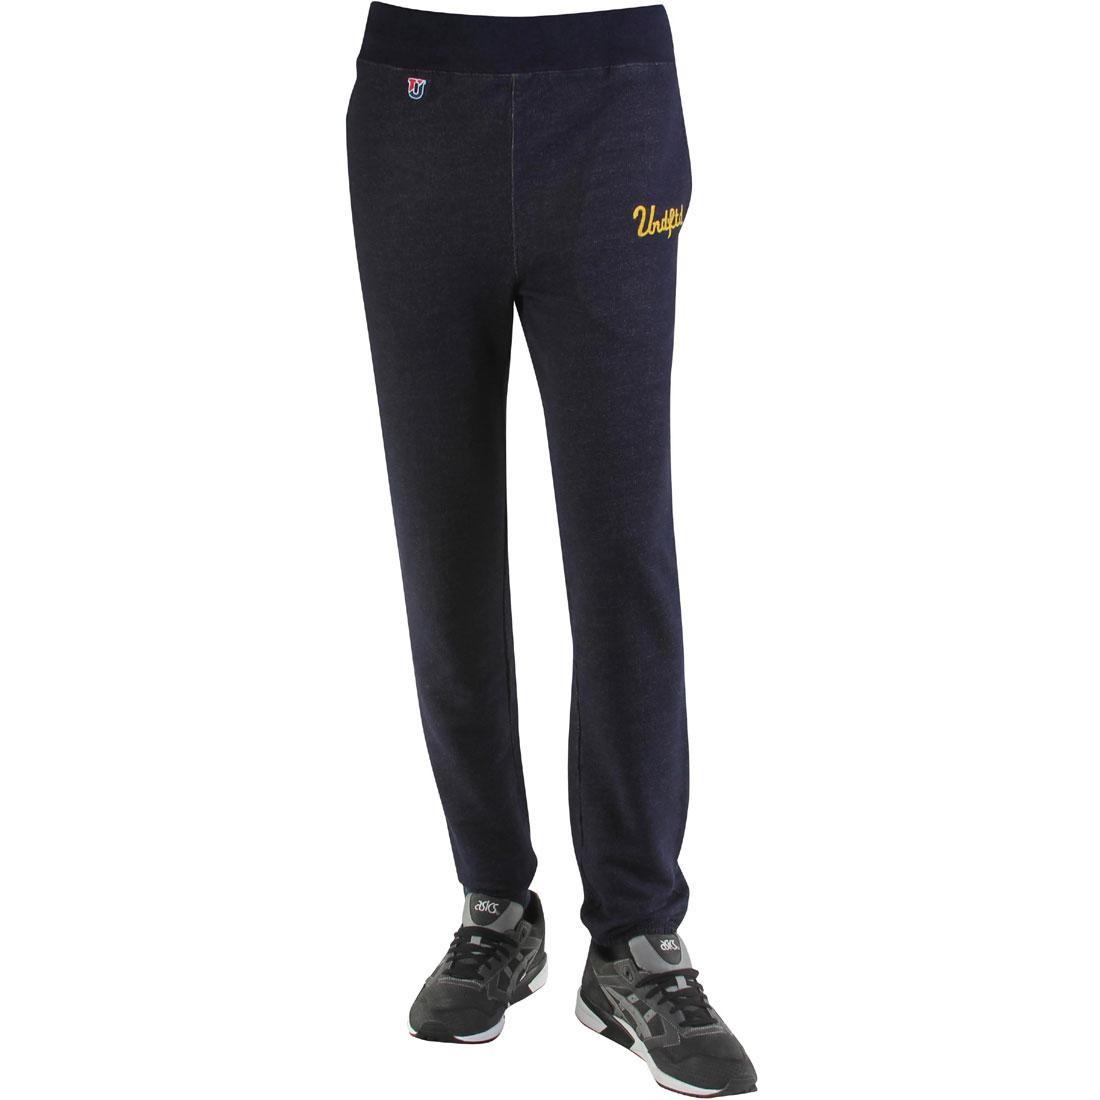 UNDEFEATED 紺 ネイビー 藍色 インディゴ 【 NAVY UNDEFEATED CHAIN SWEATPANTS INDIGO 】 メンズファッション ズボン パンツ